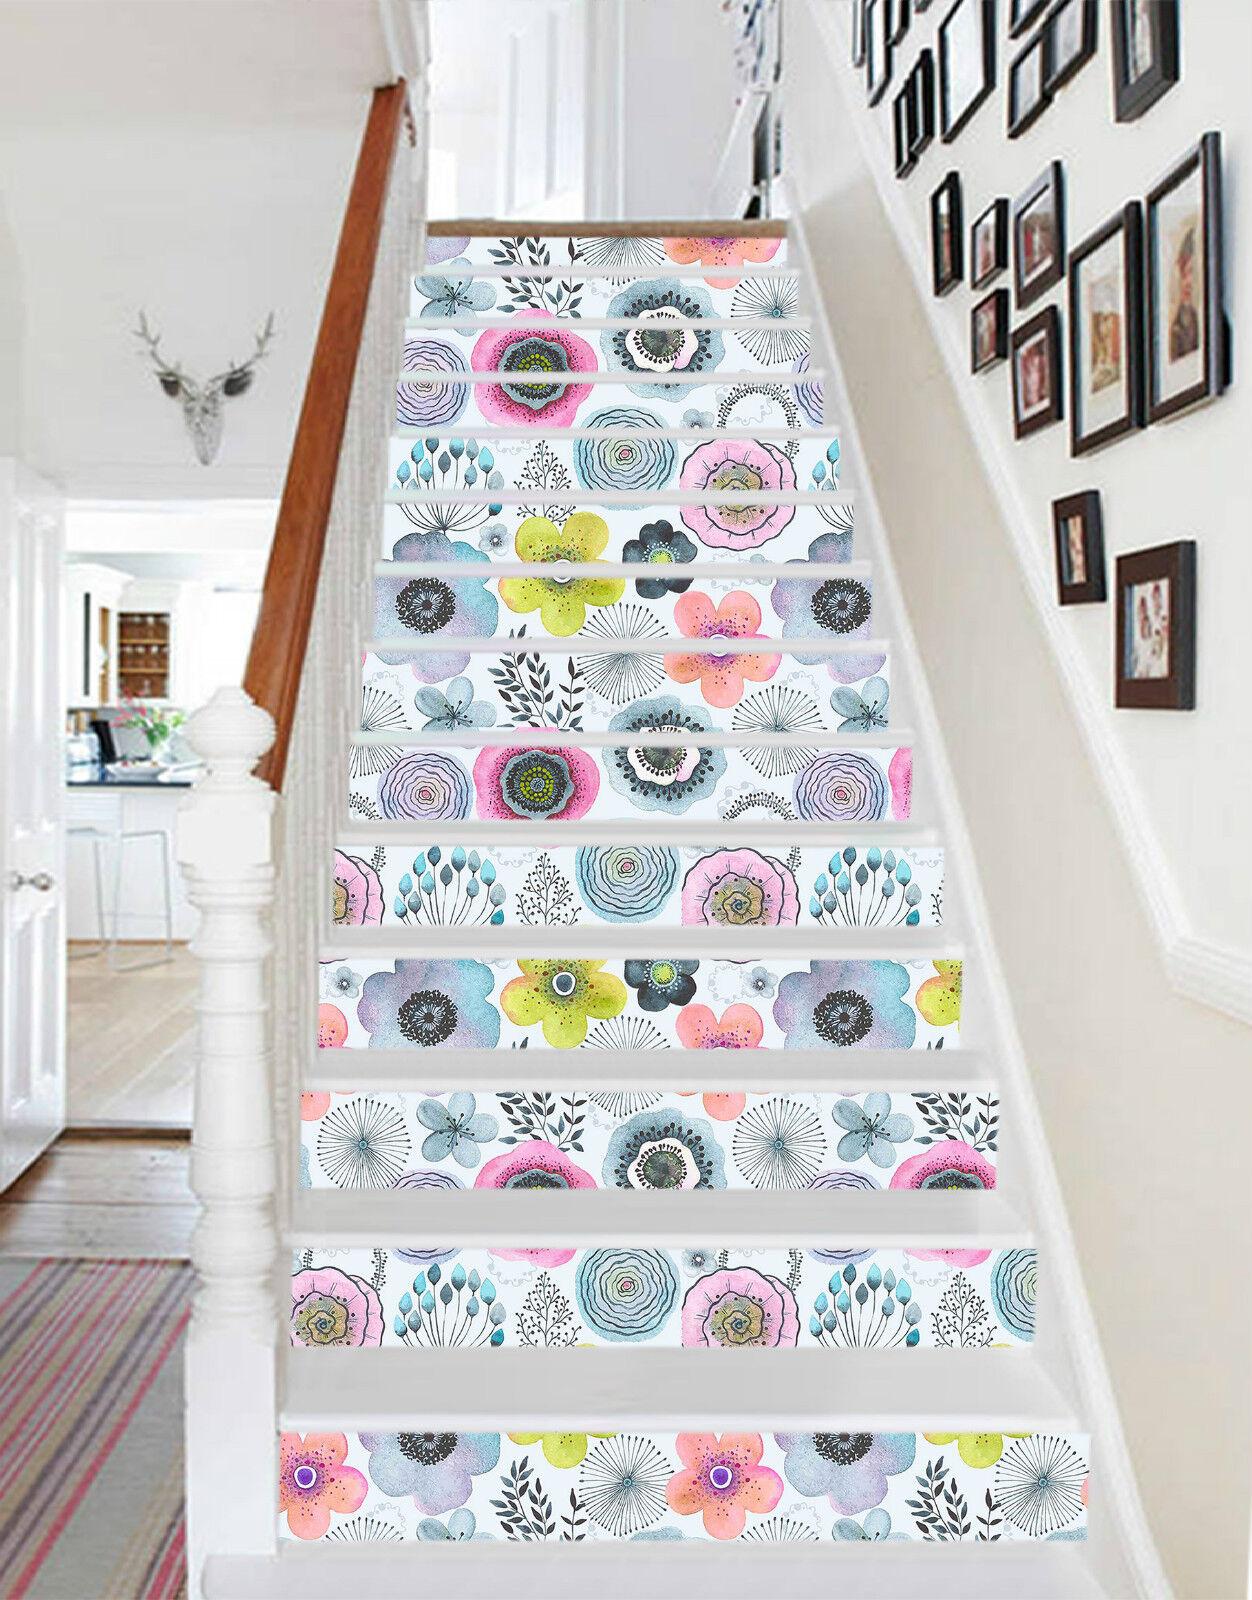 3D Kunst Malerei 17 Stair Risers Dekoration Fototapete Vinyl Aufkleber Tapete DE